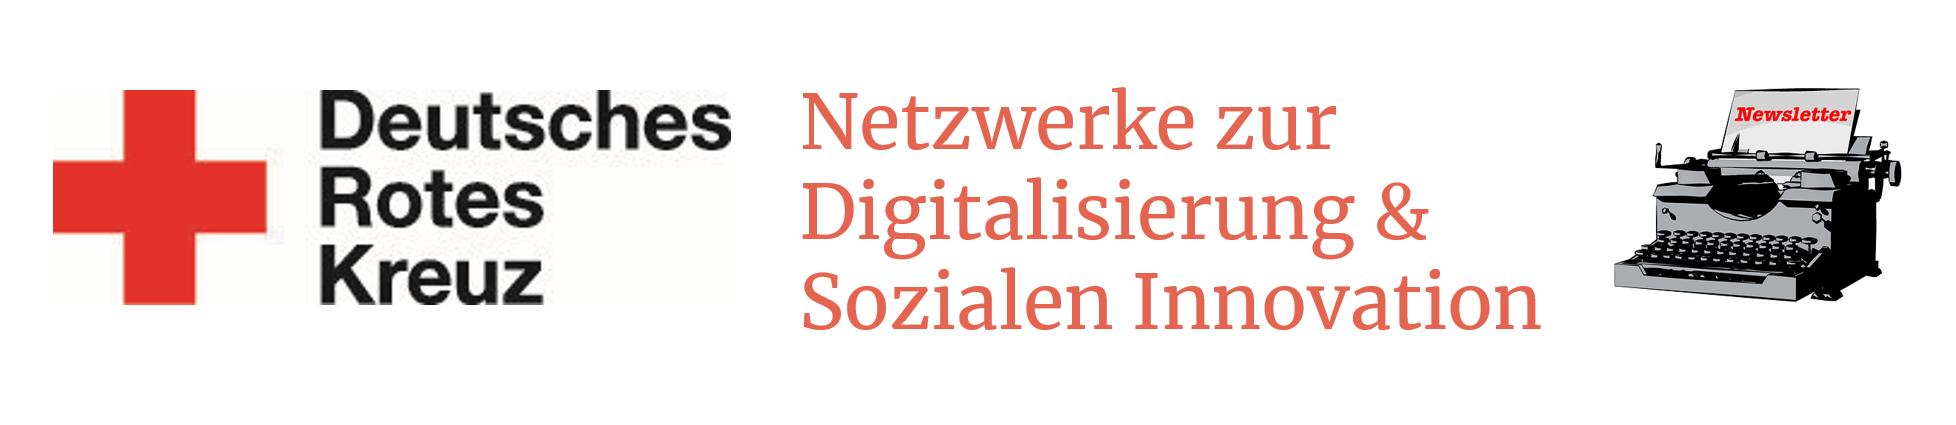 """Links das Logo des DRK, in der Mitte steht """"Netzwerke zur Digitalisierung und Sozialen Innovation"""" und recht ist eine Schreibmaschine abgebildet."""